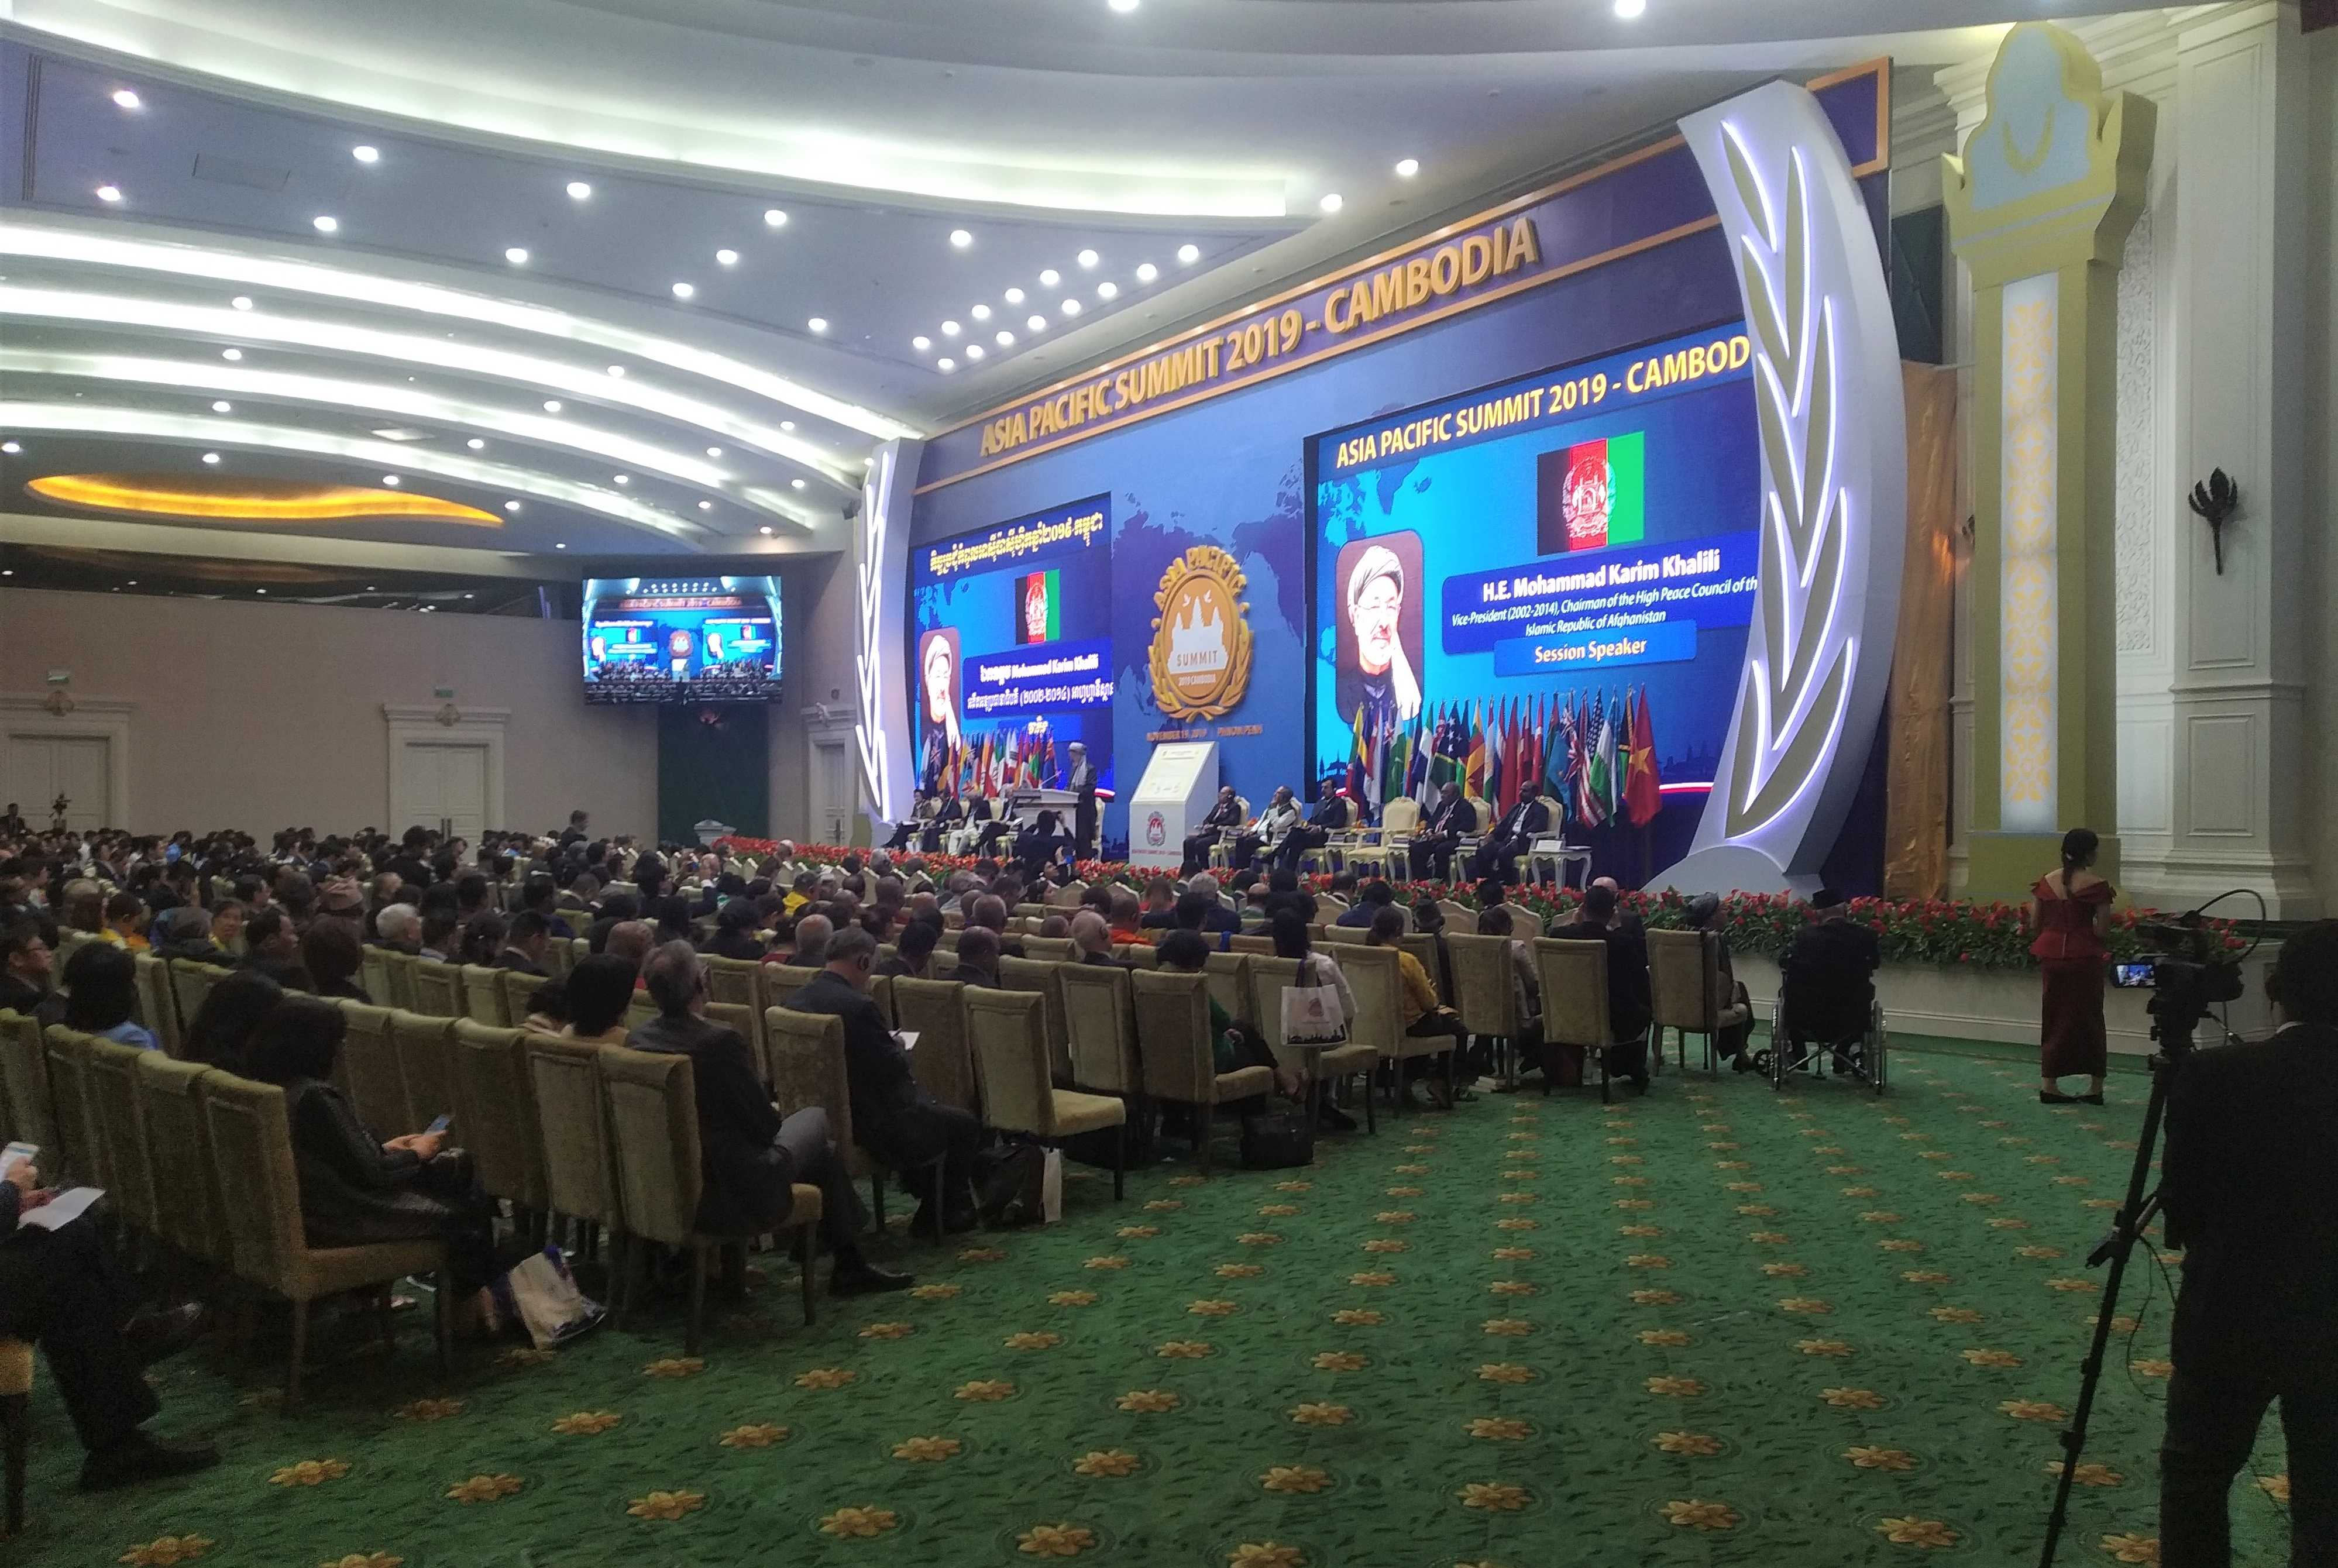 «Афганистан та страна, которая реально знает цену настоящему миру. И мы стремимся к нему!», - подчеркнул М.К. Халили, бывший вице-президент ИРА.